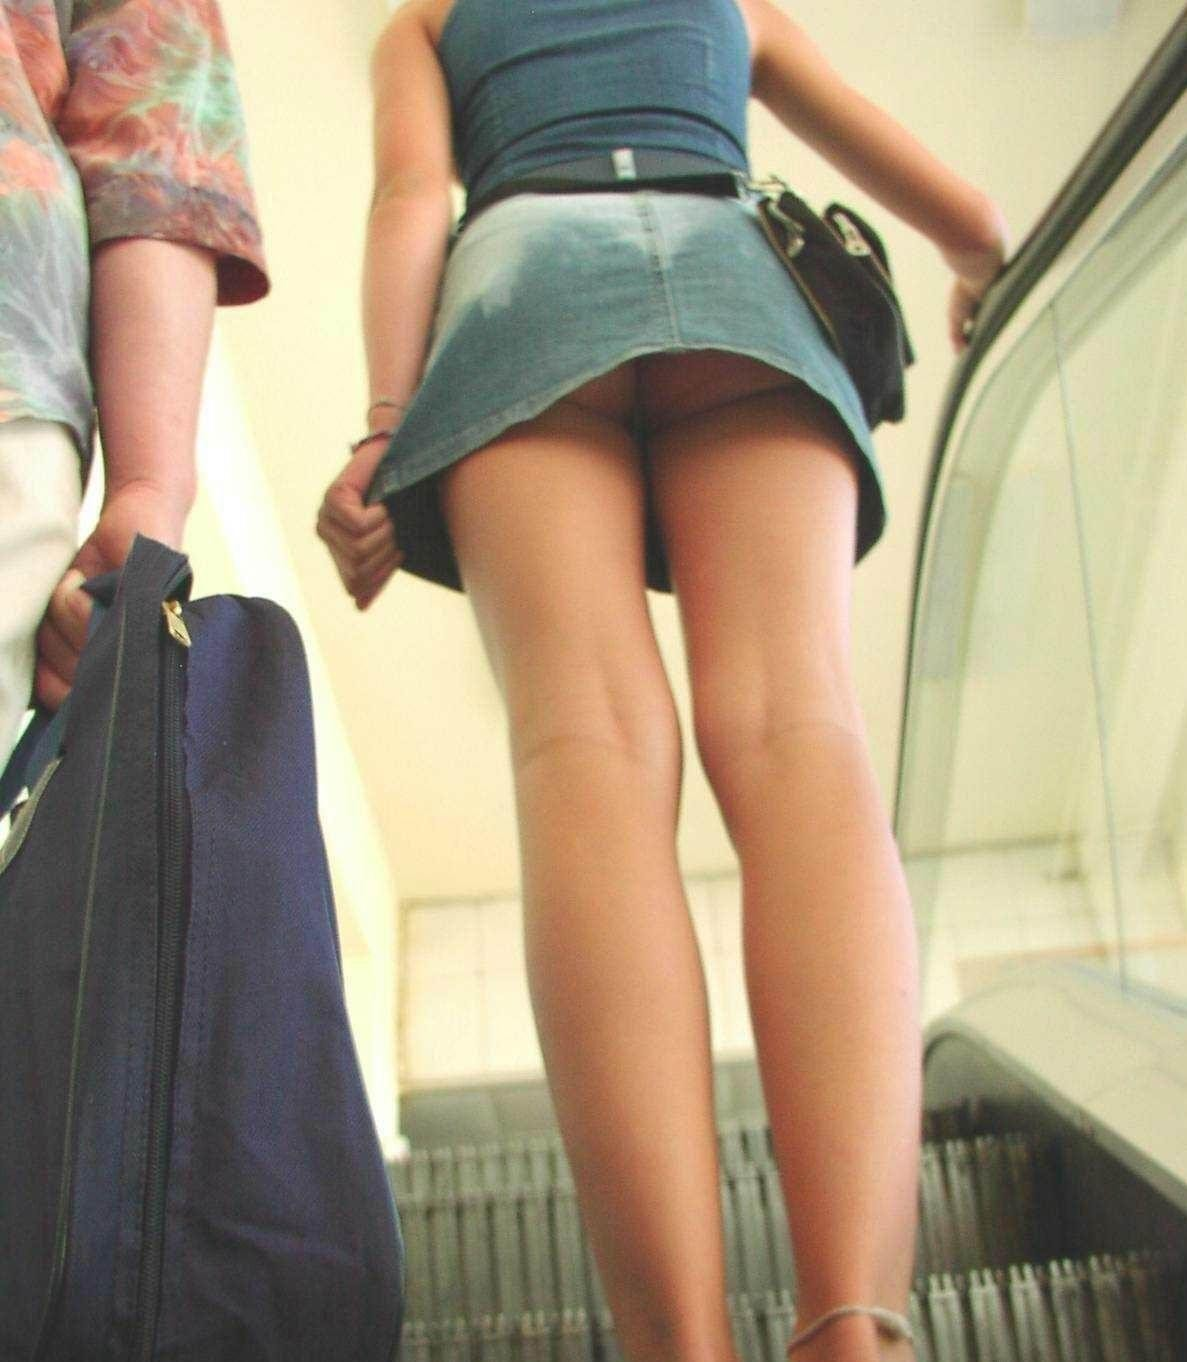 【パンチラエロ画像】見えたか!?ミニスカ女子の階段上がる姿を斜め下から頂戴しますwww 10